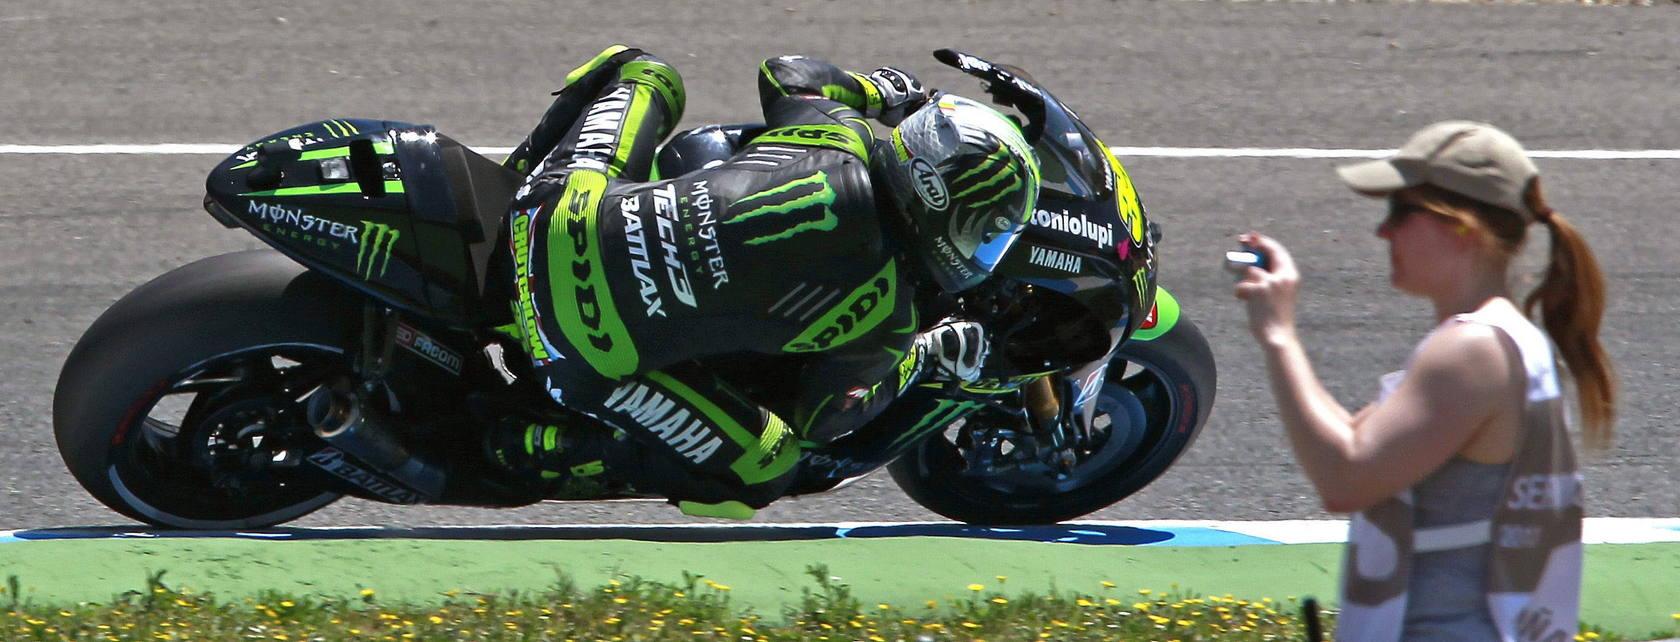 Dani Pedrosa gana el GP de España de MotoGP por delante de Márquez y Lorenzo